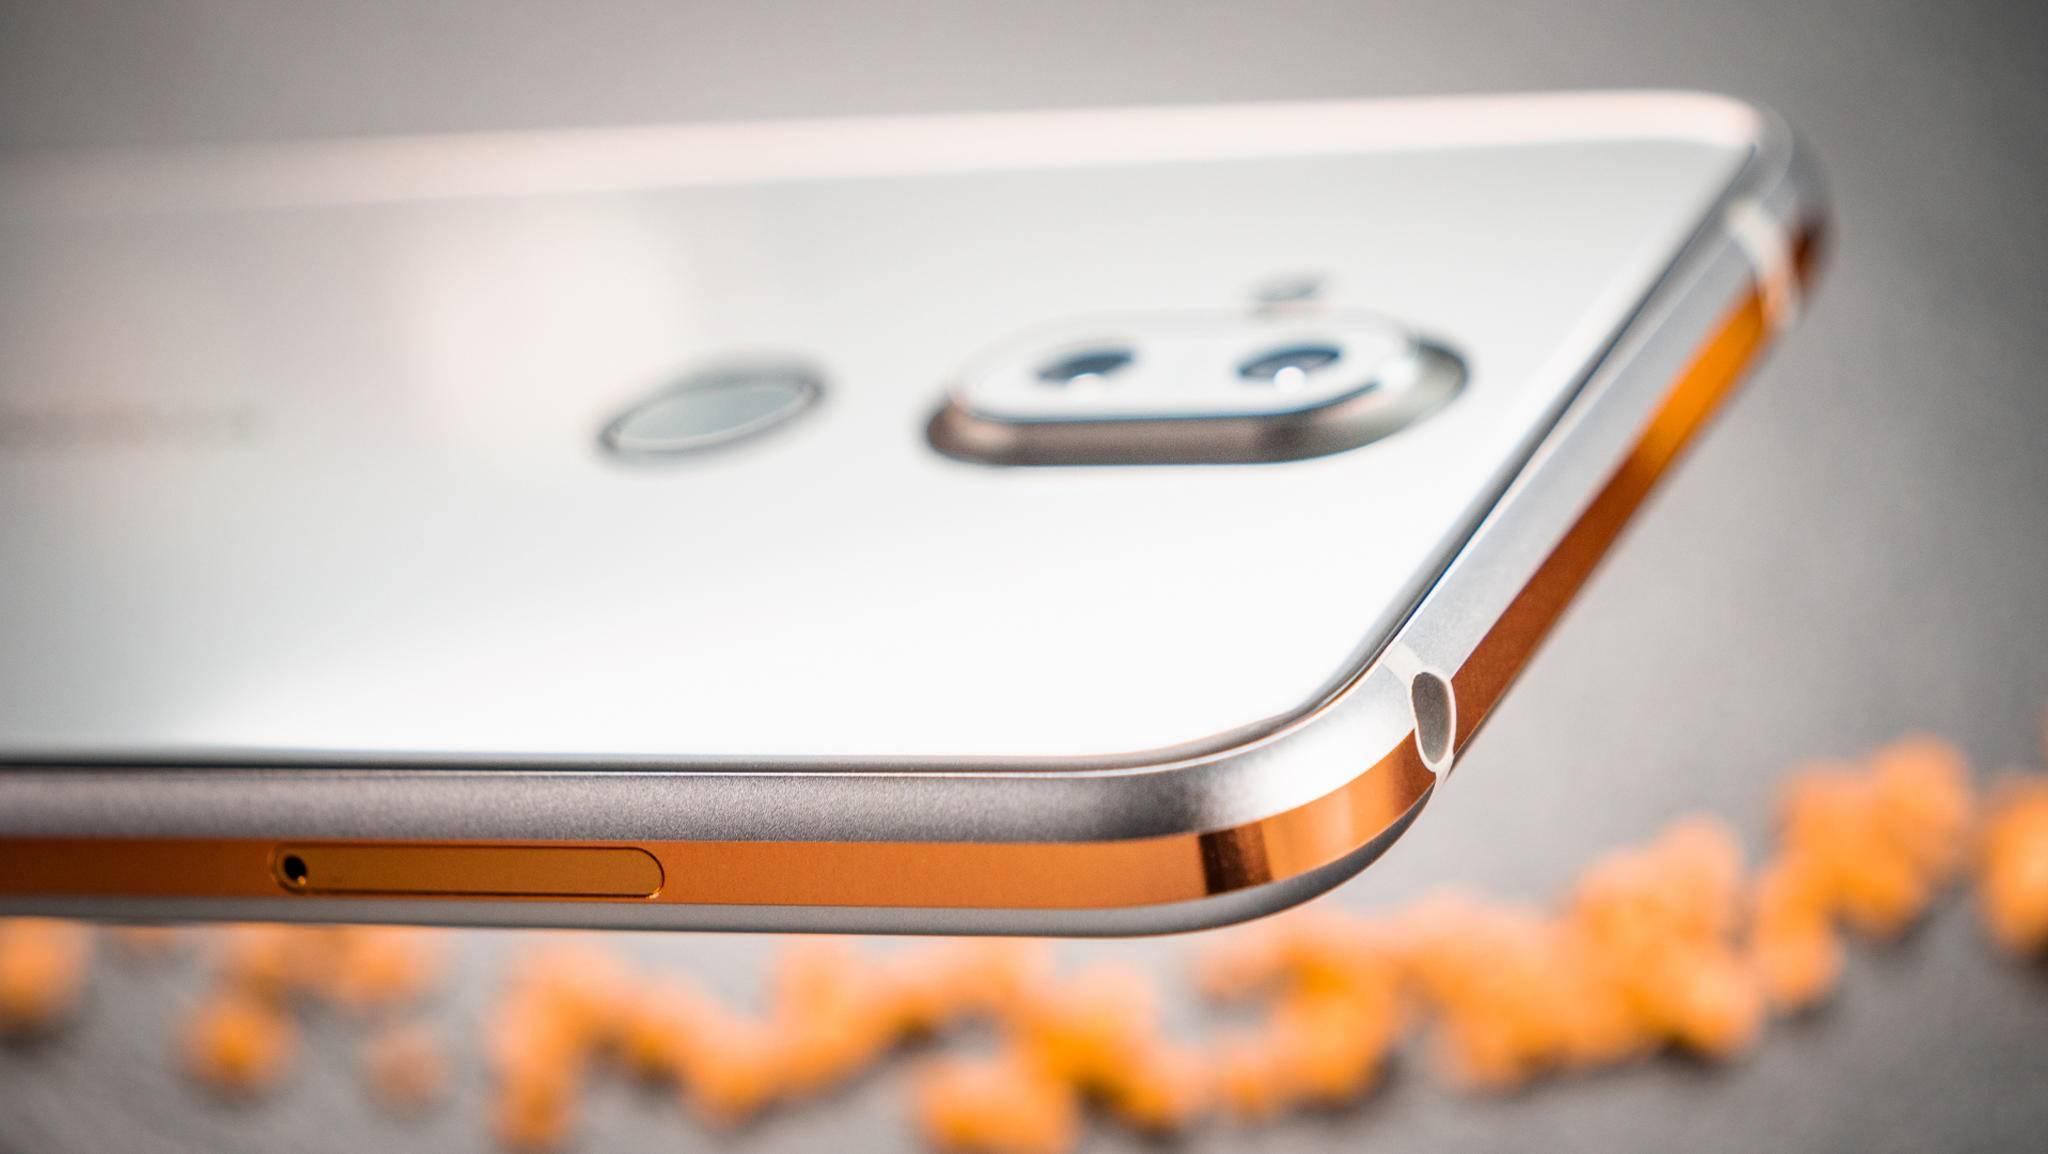 Der Nachfolger des Nokia 8.1 (im Bild) soll ein 5G-Modem in die Mittelklasse bringen.